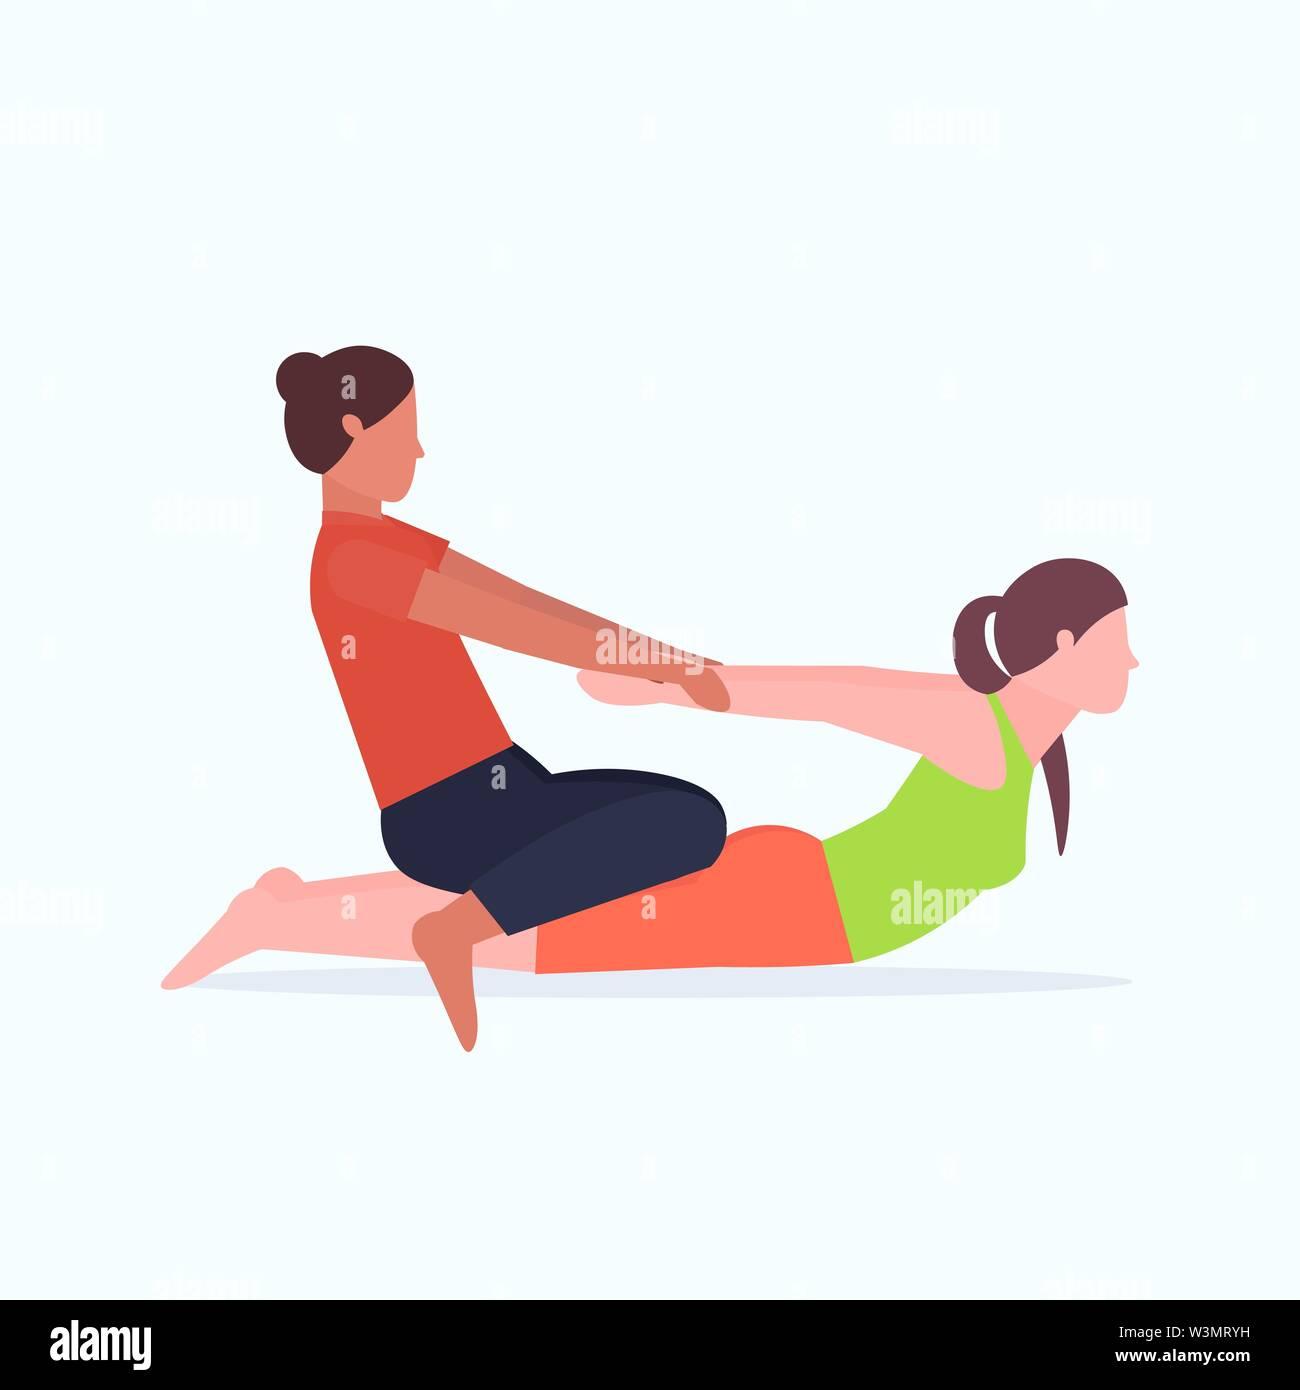 Weibliche personal trainer zu tun Stretching Übungen mit Mädchen Fitness Instructor helfen Frau Muskeln workout Konzept Flachbild voller Länge vect Stretch Stockbild